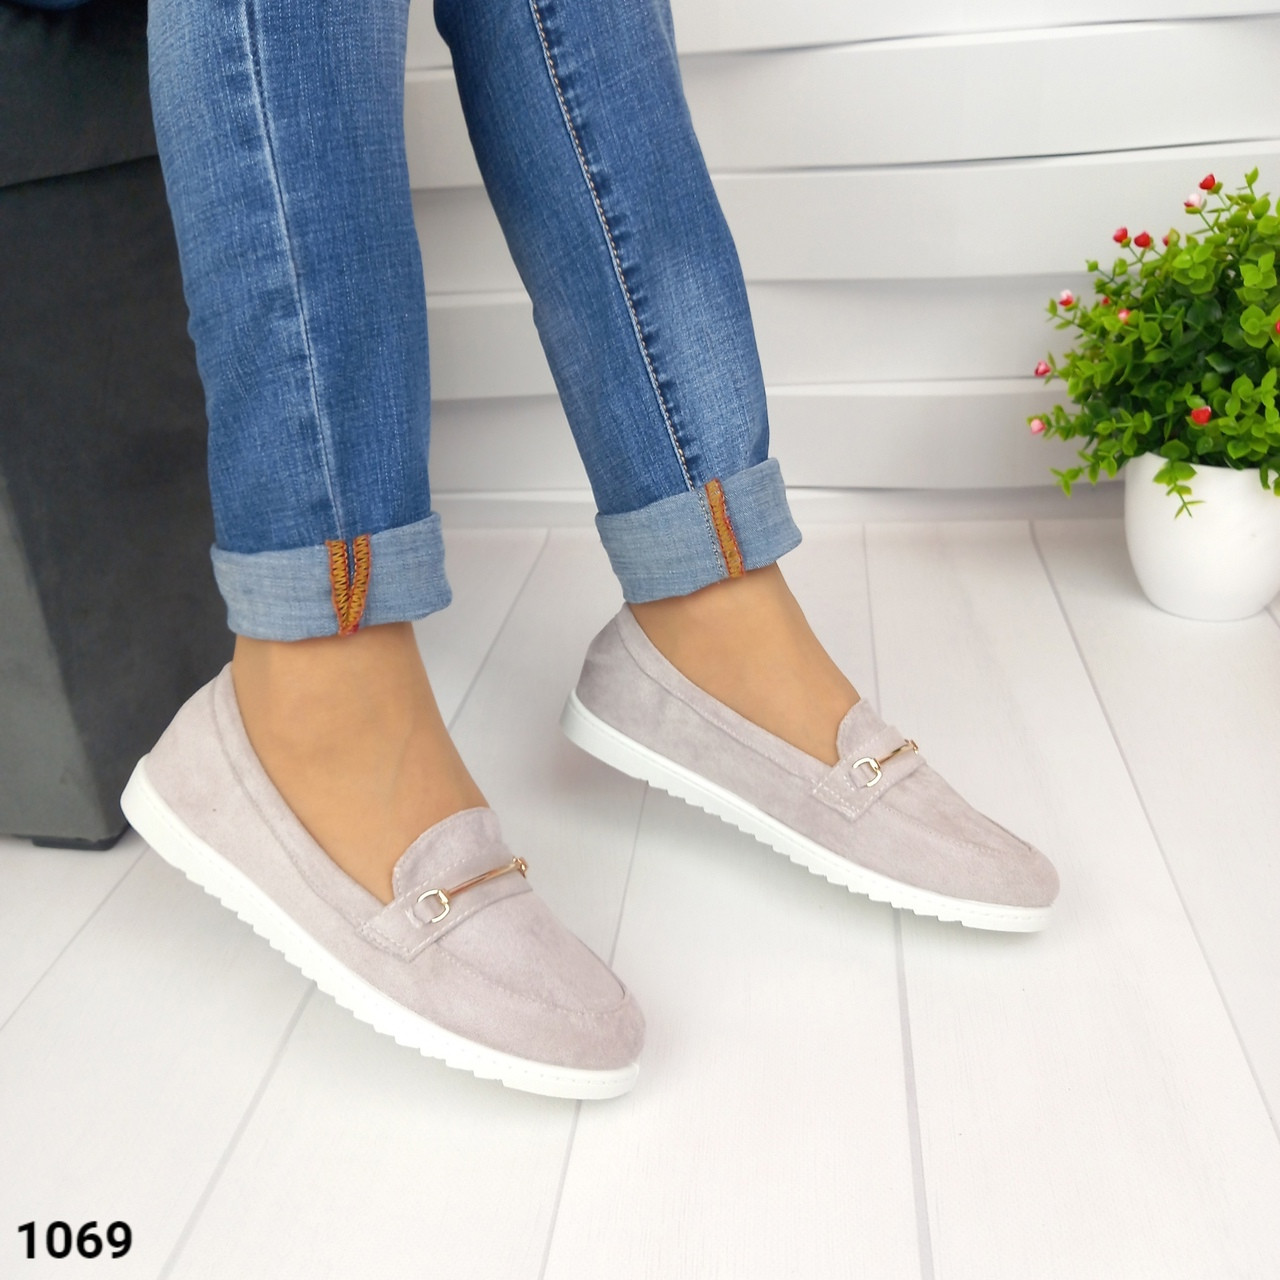 Женские туфли мокасины на белой подошве